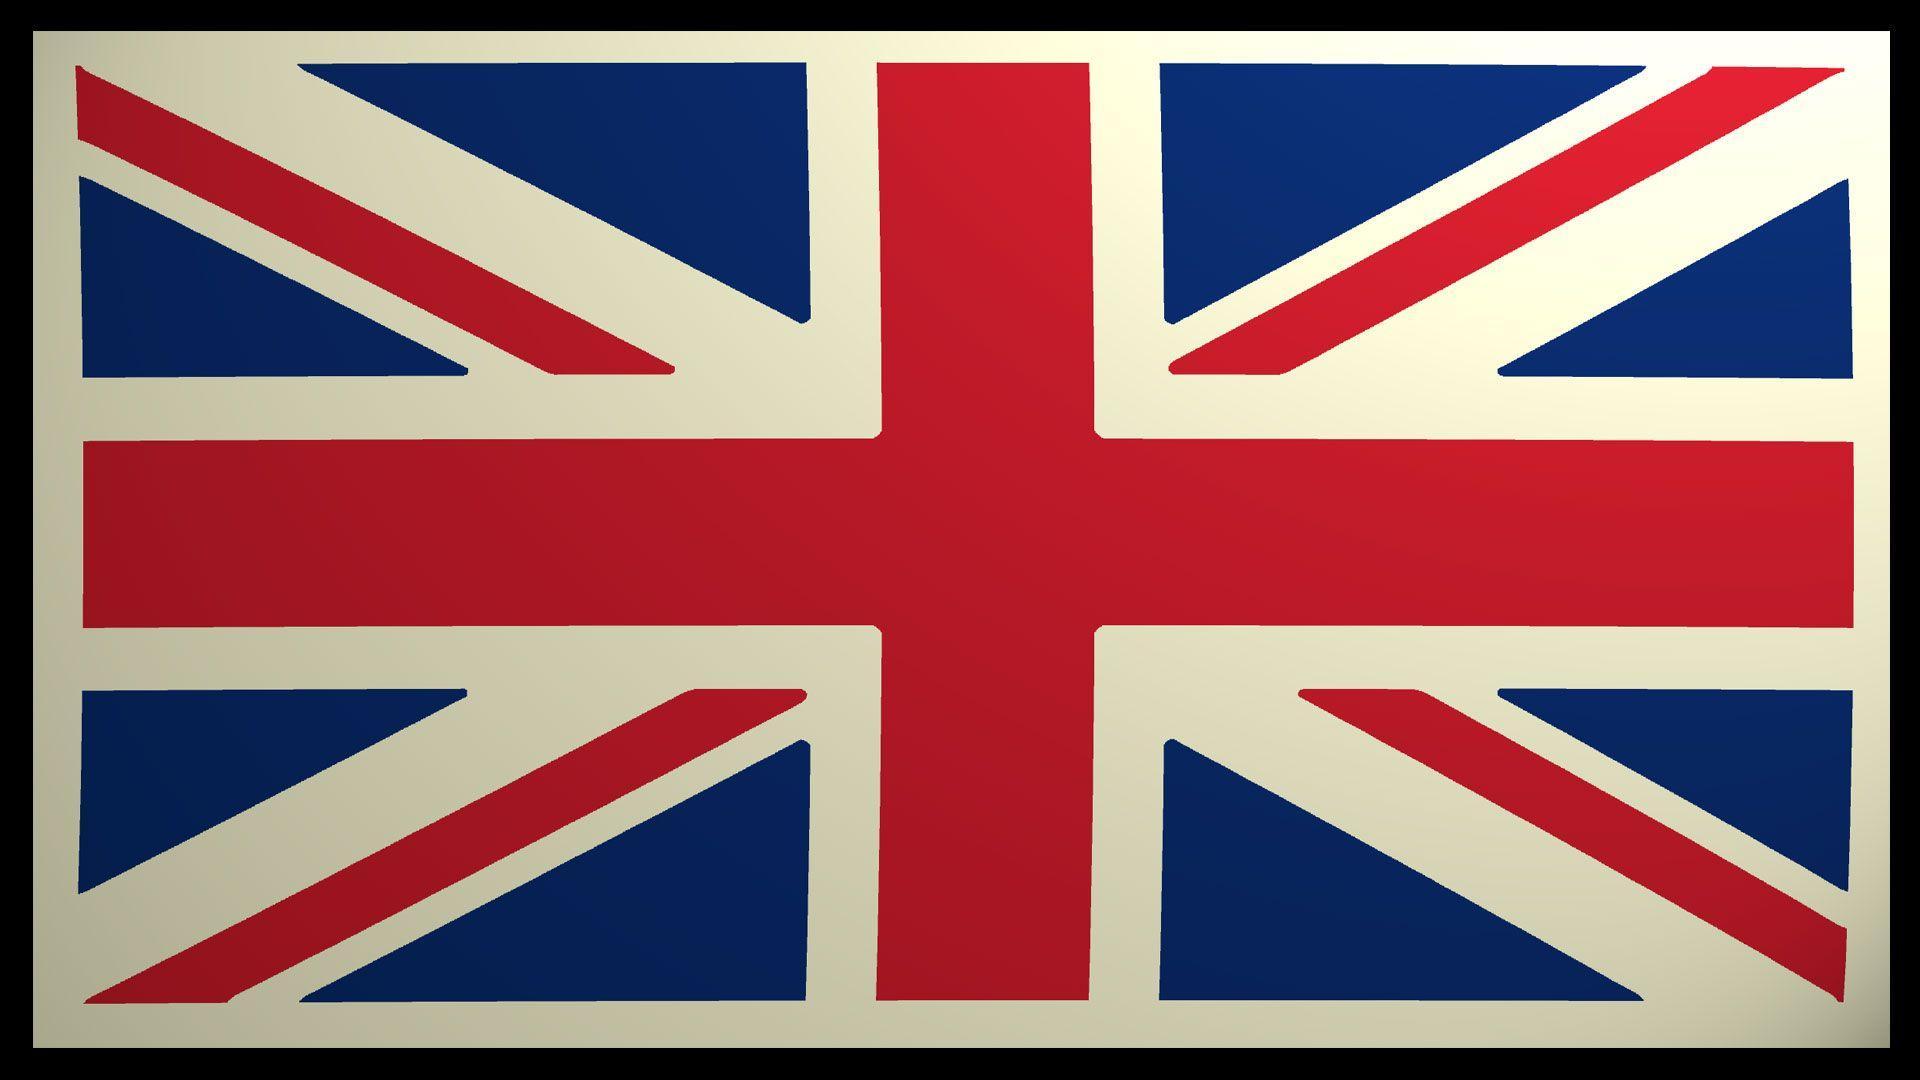 United Kingdom Flag Wallpapers 1920x1080